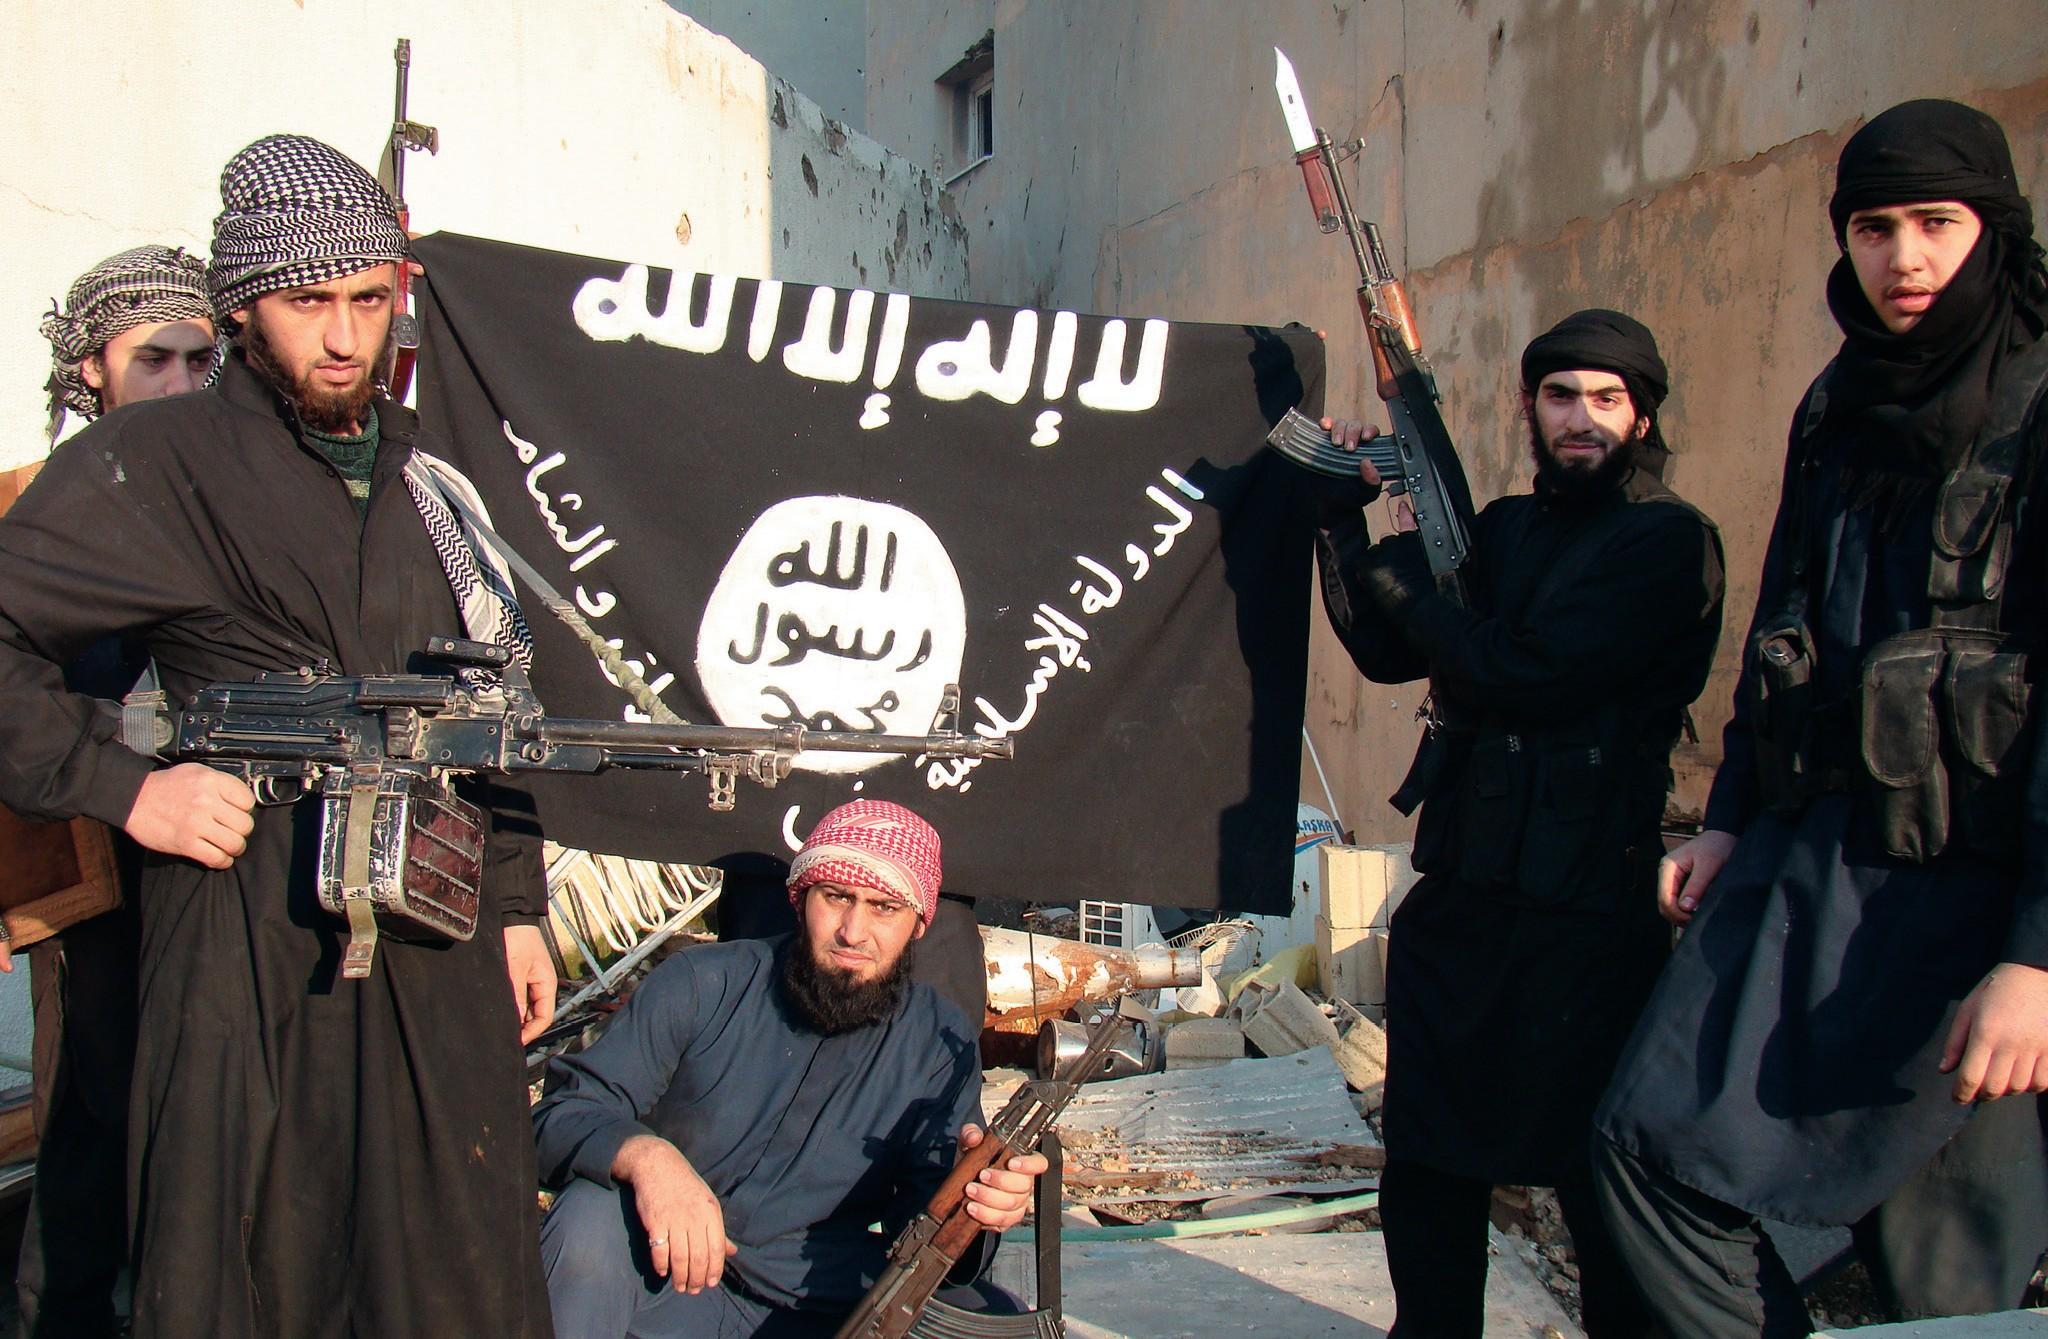 ИГИЛ накопило 3 миллиарда евро, - СМИ